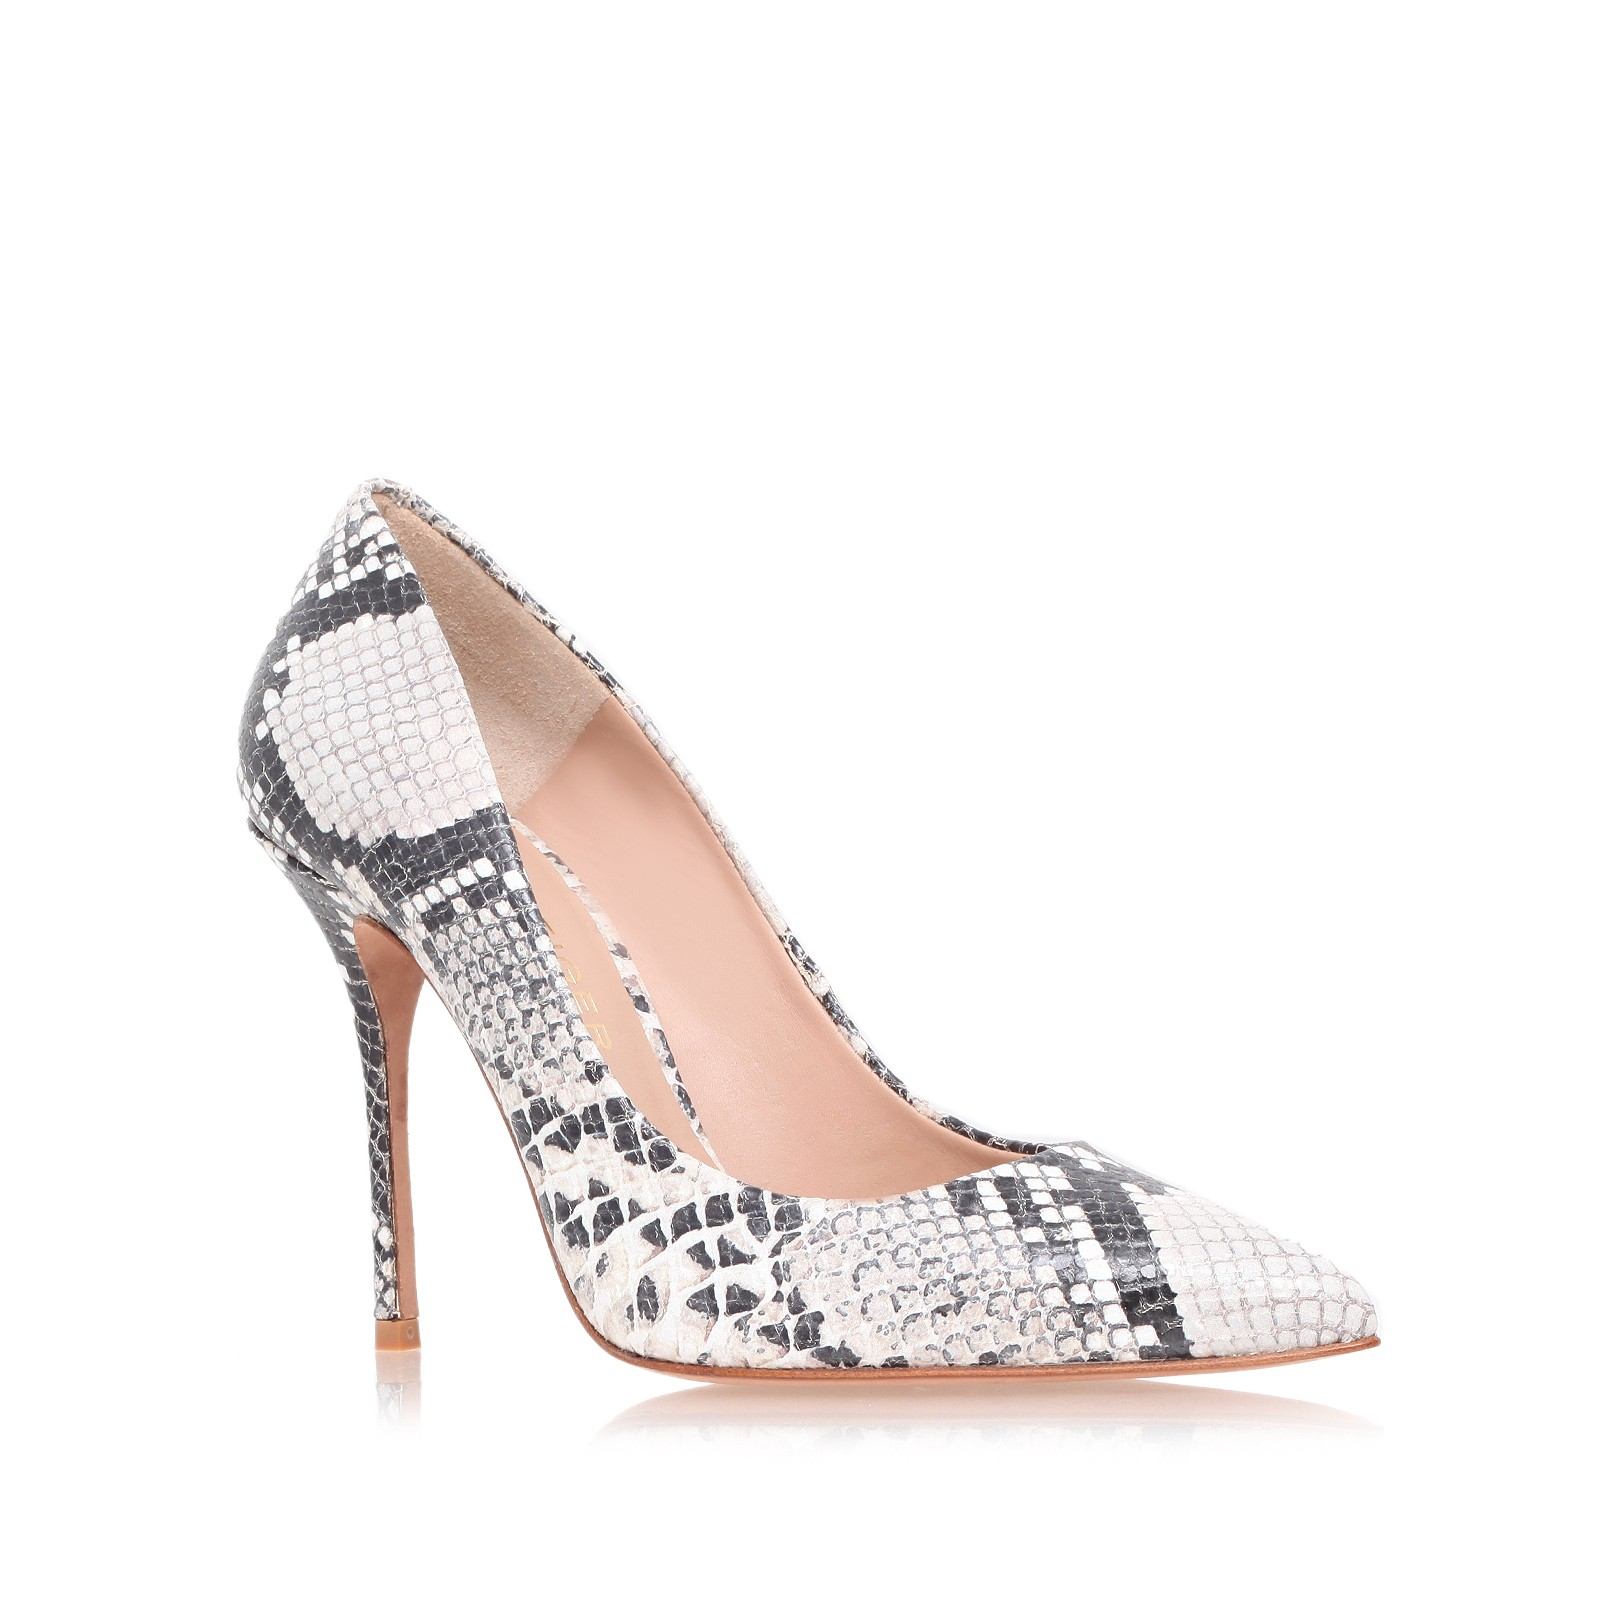 0b4b01195bf Kurt Geiger | ELLEN Black High Heel Court Shoes by Kurt Geiger London